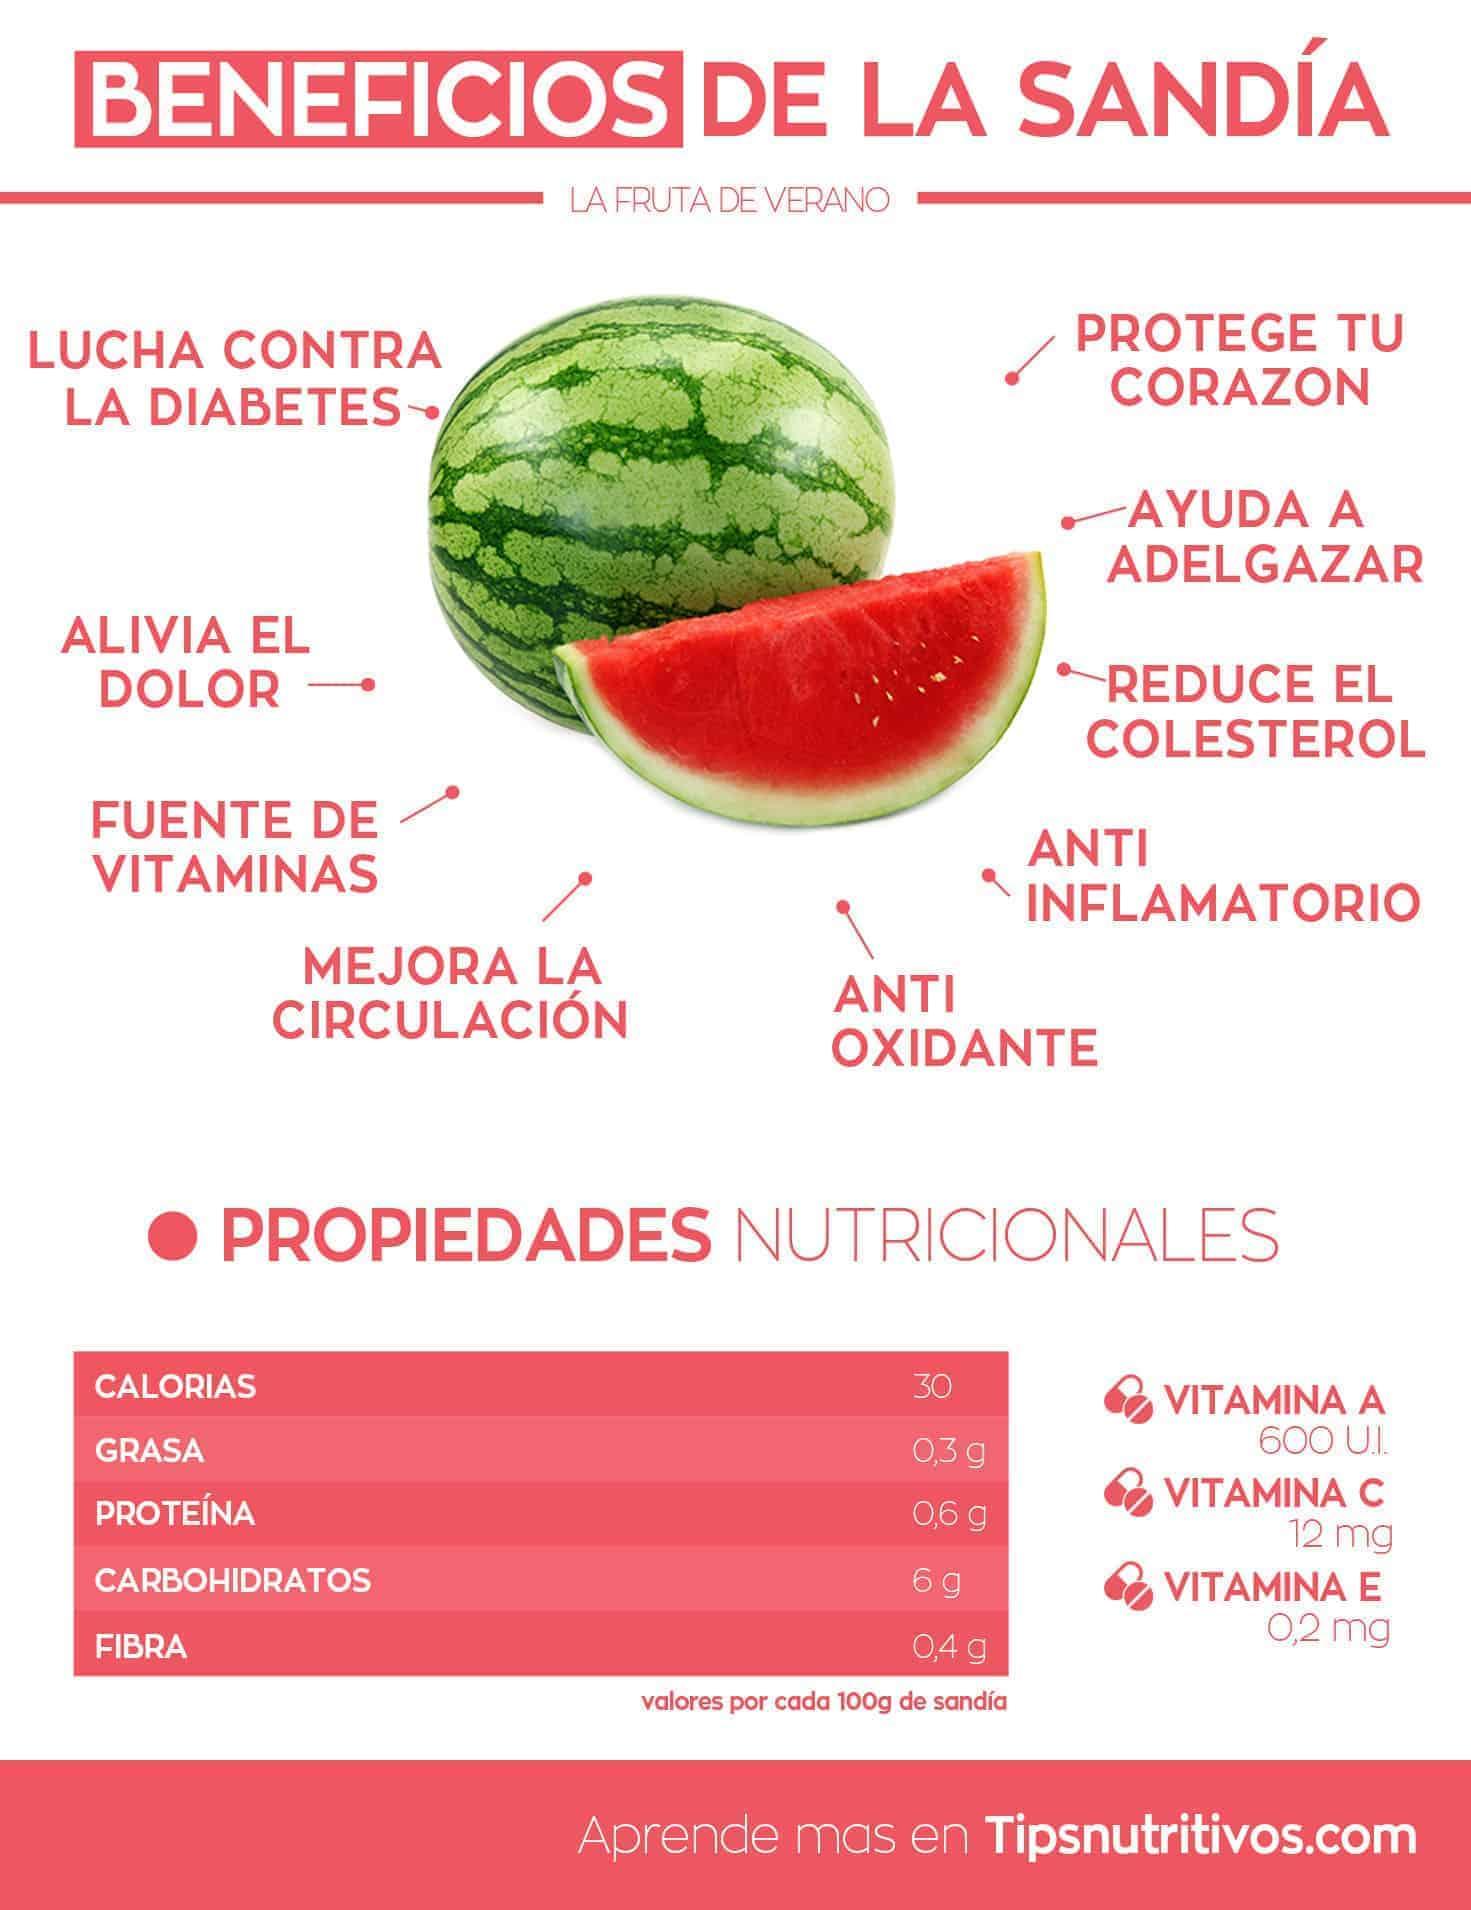 Beneficios de la sandia - Infografia